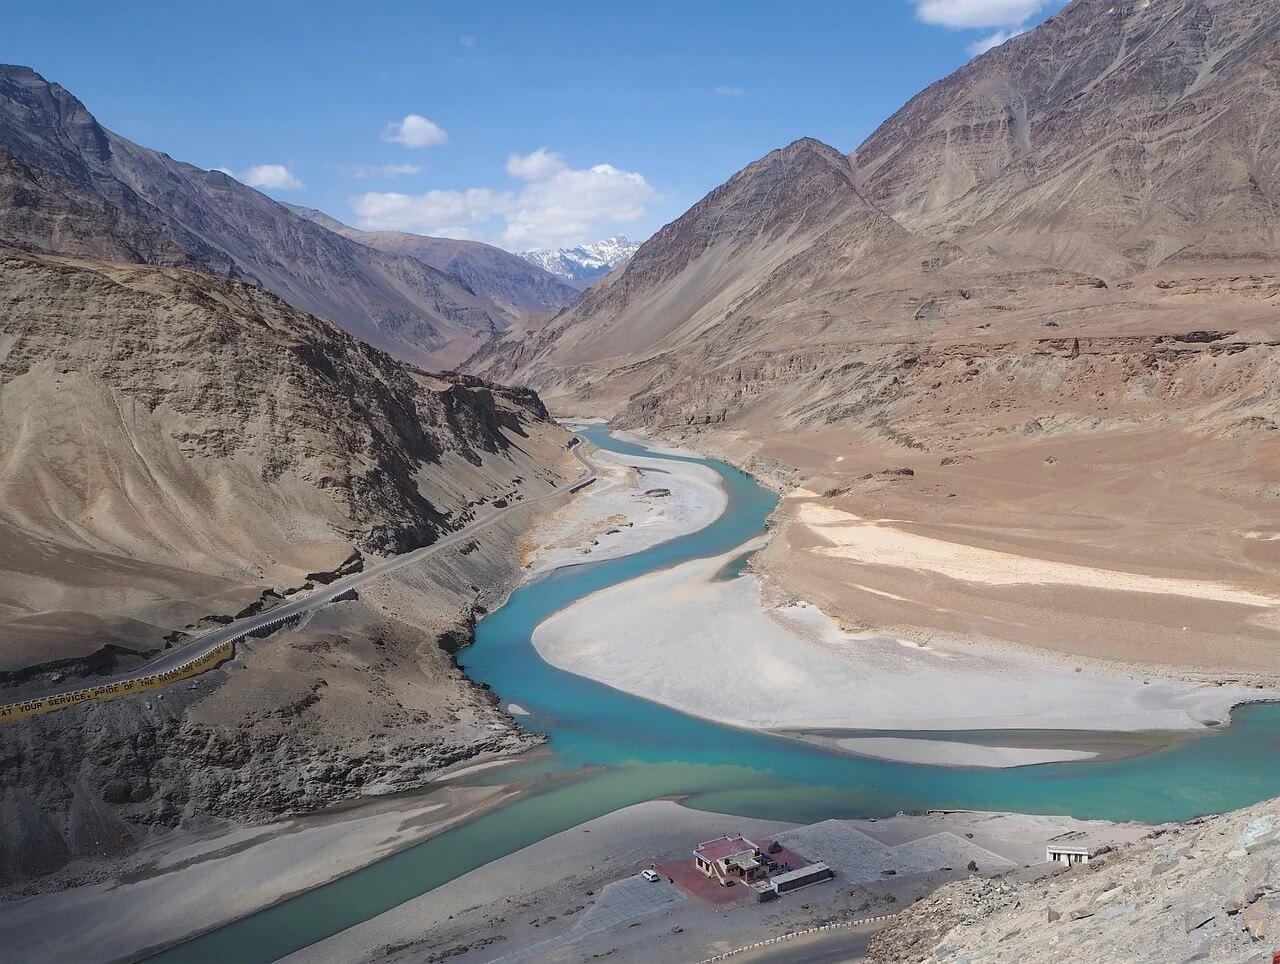 Confluenza tra fiume Indo (in basso) e Zanskar. Ladakh, India.